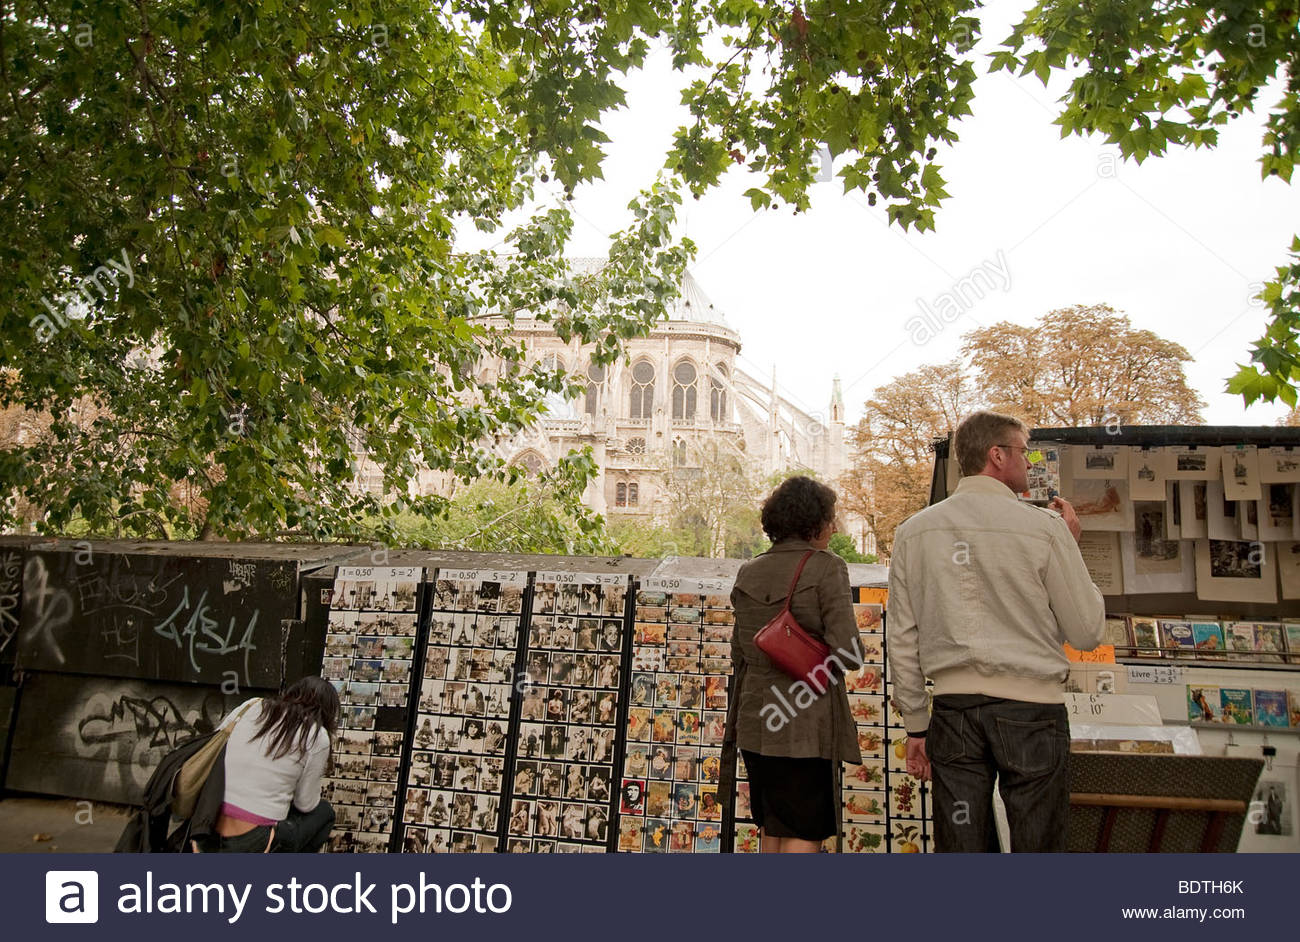 river seine postcards shop Paris - Stock Image